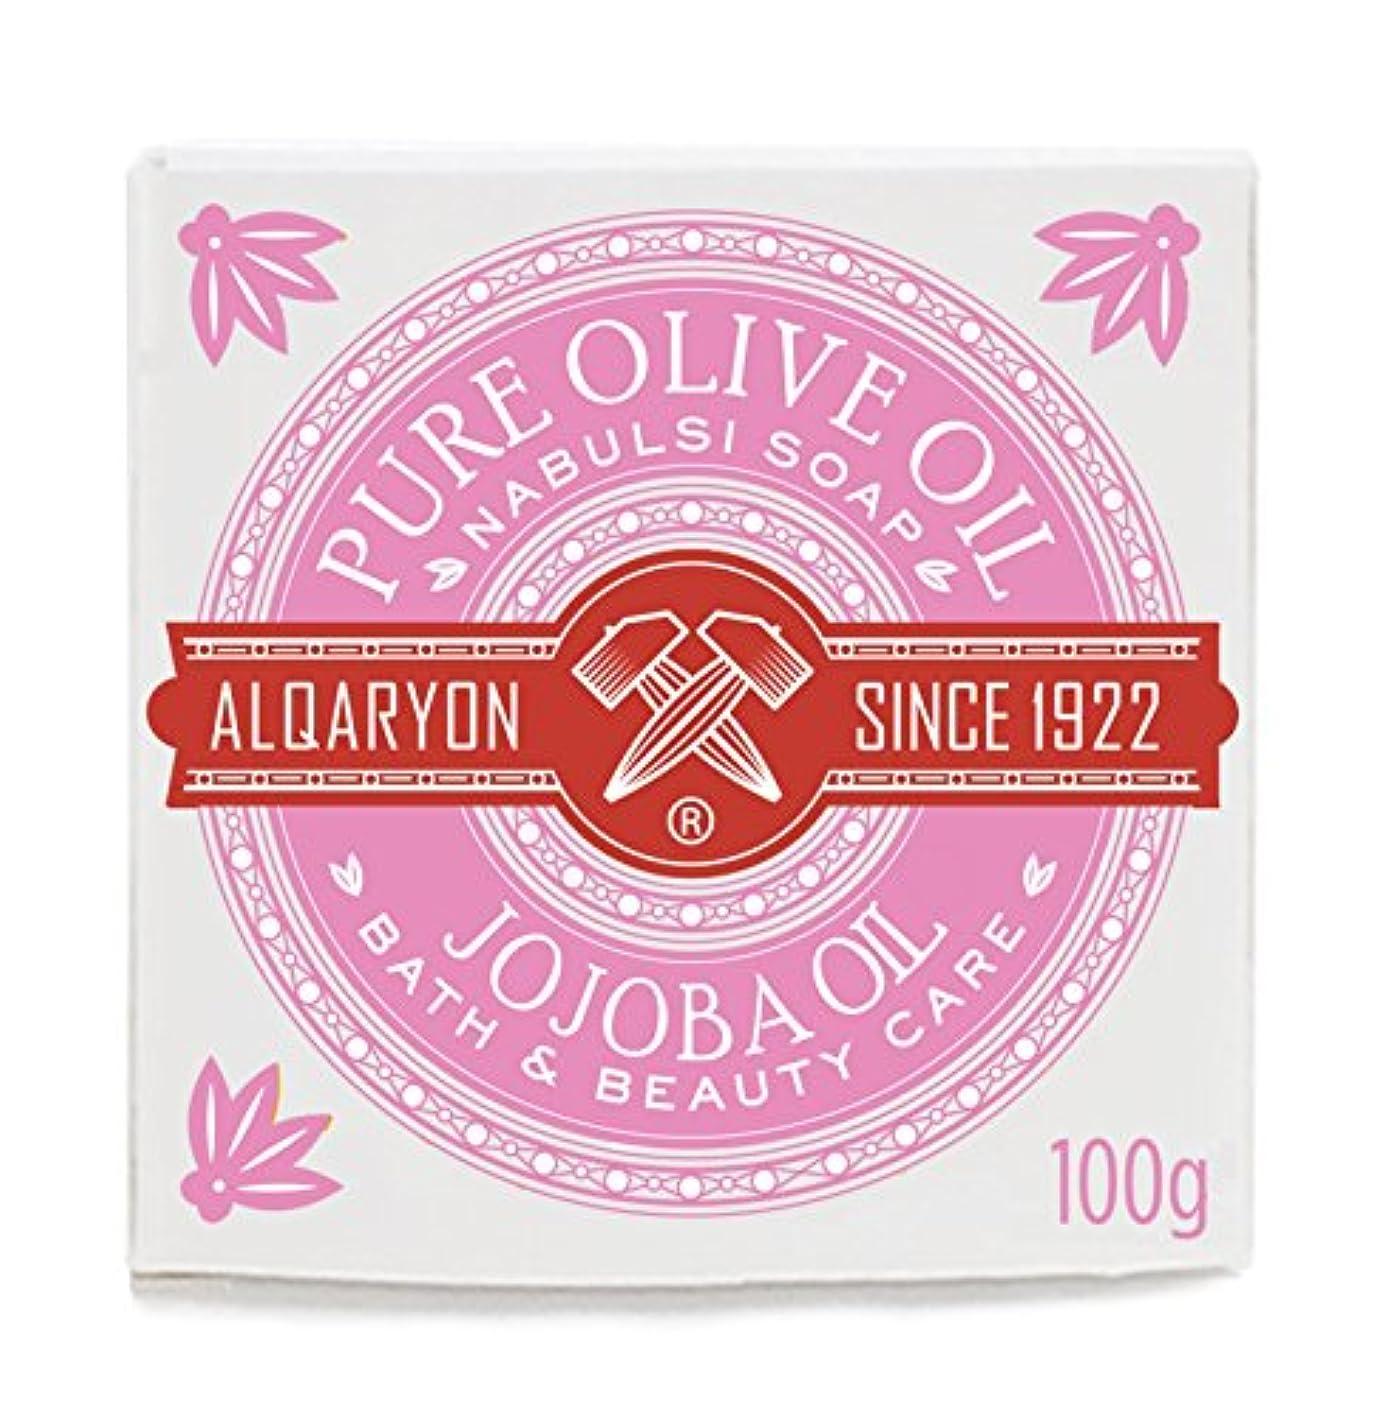 前任者等価性交Alqaryon Jojoba Oil & Olive Oil Bar Soaps, Pack of 4 Bars 100g - Alqaryonのホホバ オイルとオリーブオイル ソープ、バス & ビューティー ケア、100g...